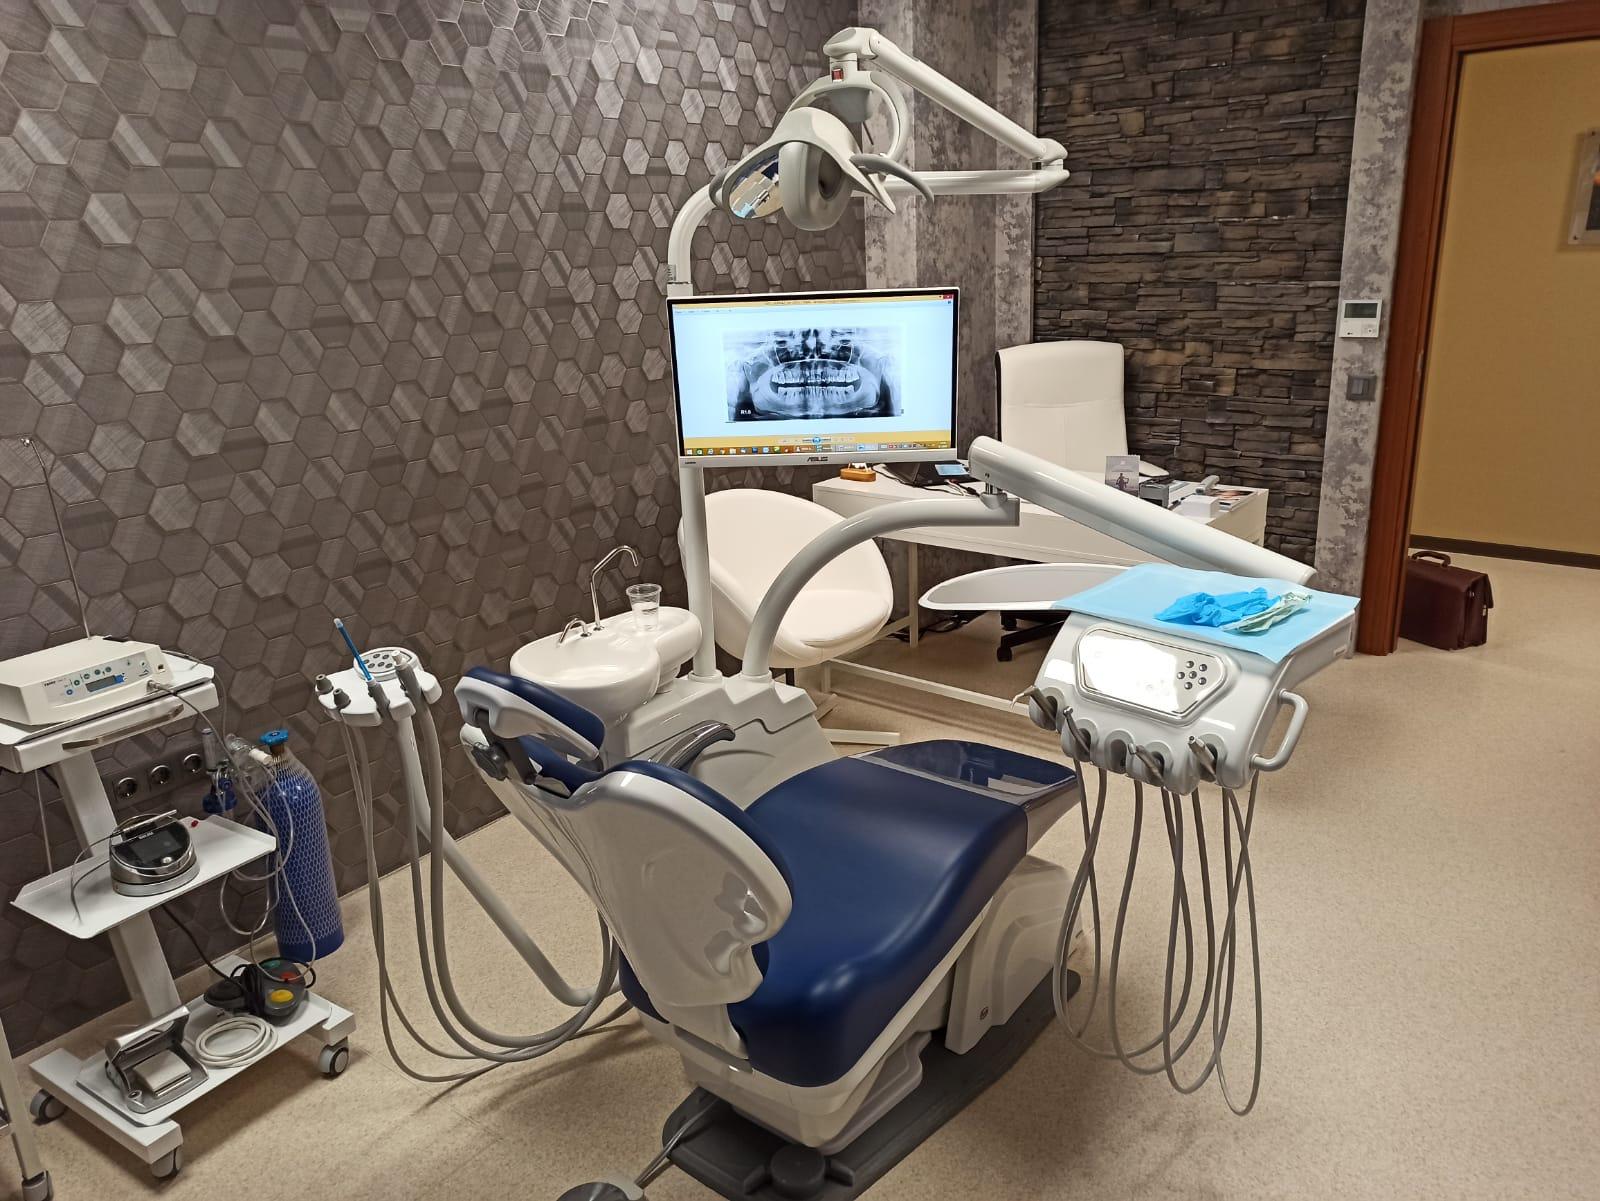 Turgay Zenginkinet Özel Diş Hekimi Muayenehanesi Görselleri